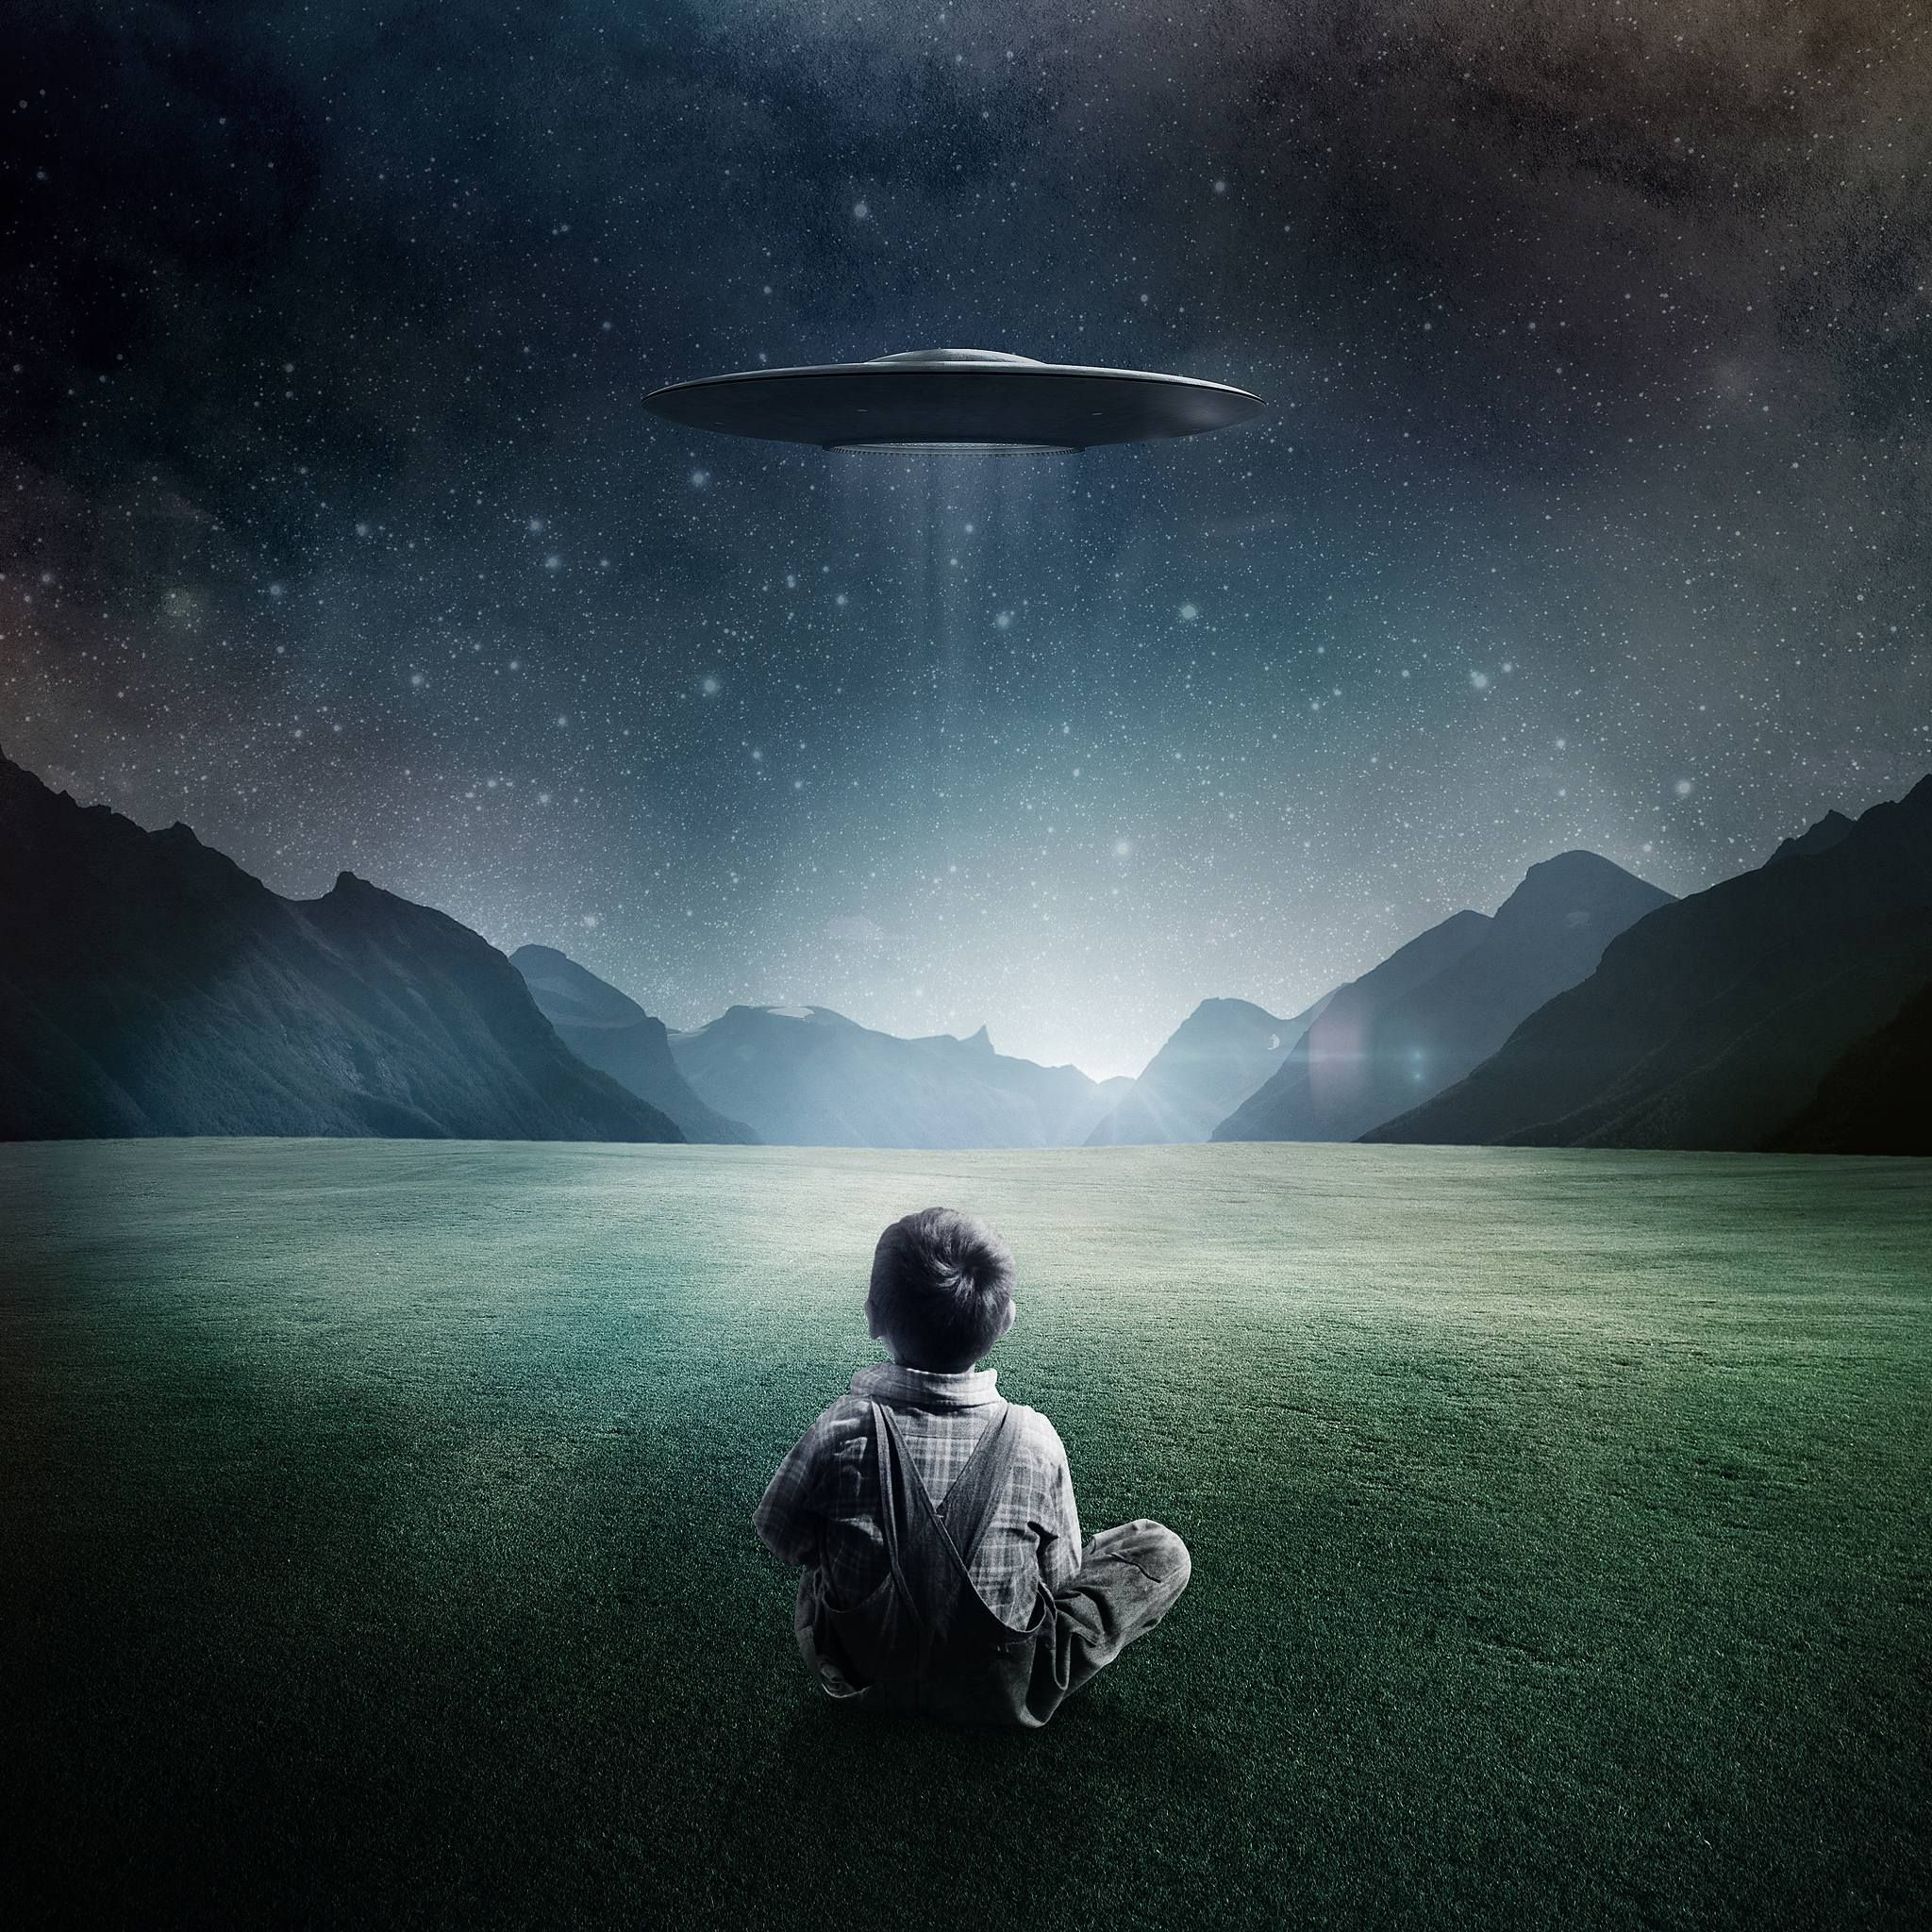 Alien Ufo Wallpapers Top Free Alien Ufo Backgrounds